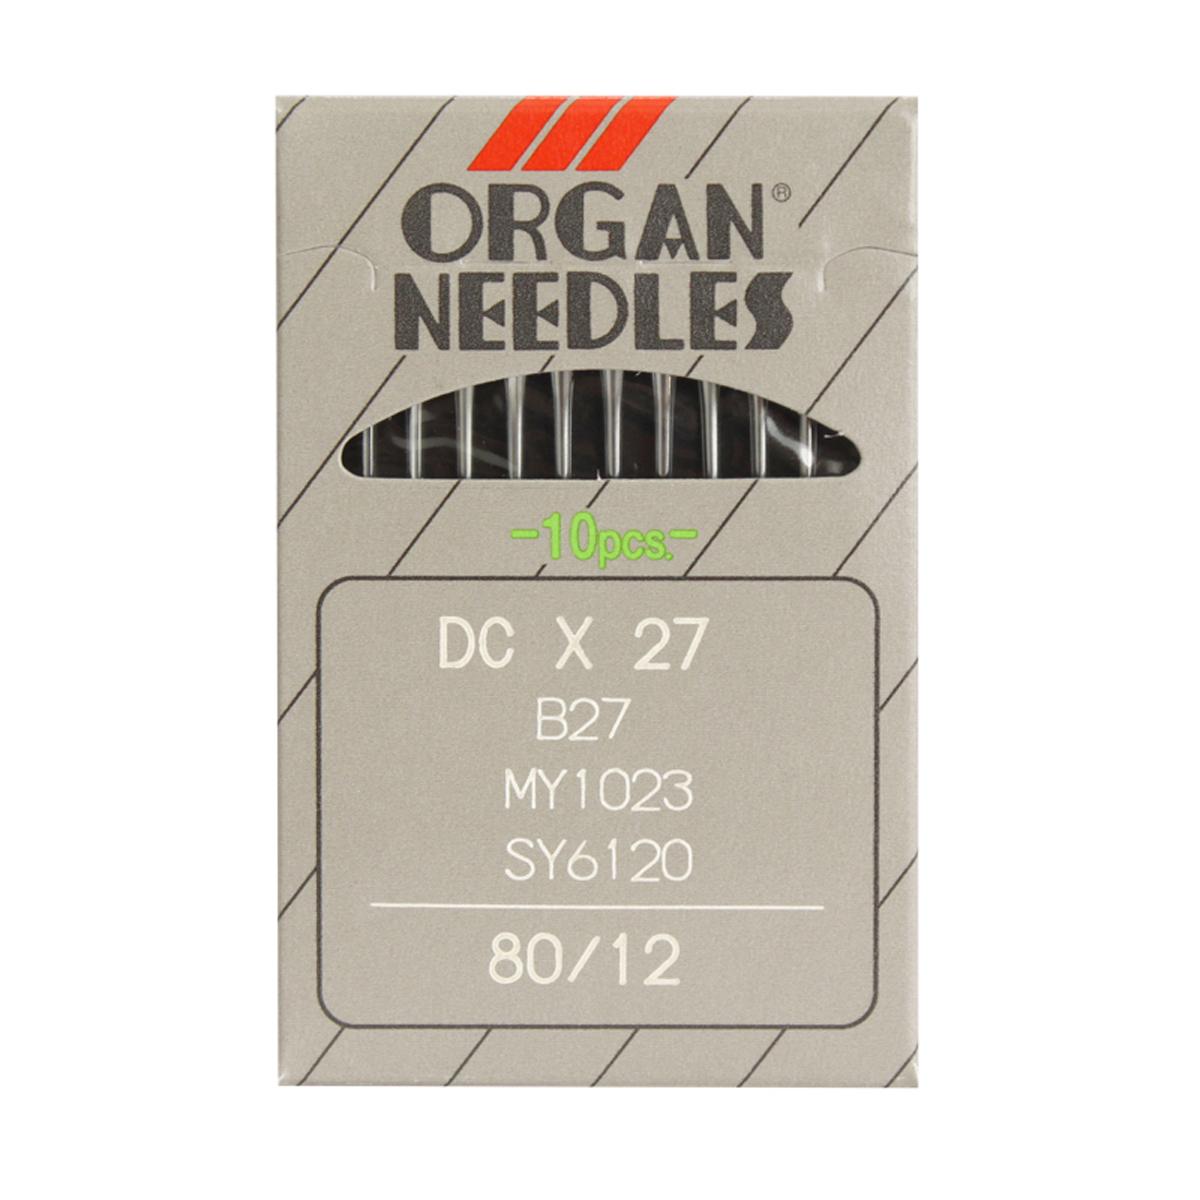 Иглы для промышленных швейных машин Organ, DCx27/80, 10 шт679075Иглы для промышленных швейных машин Organ с маркировкой DCx27 предназначены для оверлочных швейных машин. Иглы используются для пошива всех видов тканей. Острие игл тонкое, стандартное.Предназначены для оверлоков 51, 208 класса, их модификаций и импортных аналогов. В промышленных машинах используются иглы с круглыми колбами, в отличие от игл бытовых машин, у которых колбы плоские. Круглая колба позволяет при наладке машины и установке иглы поворачивать (вращать) иглу, закрепляя ее в нужном положении. Диаметр колбы: 2,02 мм. Длина иглы: 28,6 мм. Номер игл: 80.